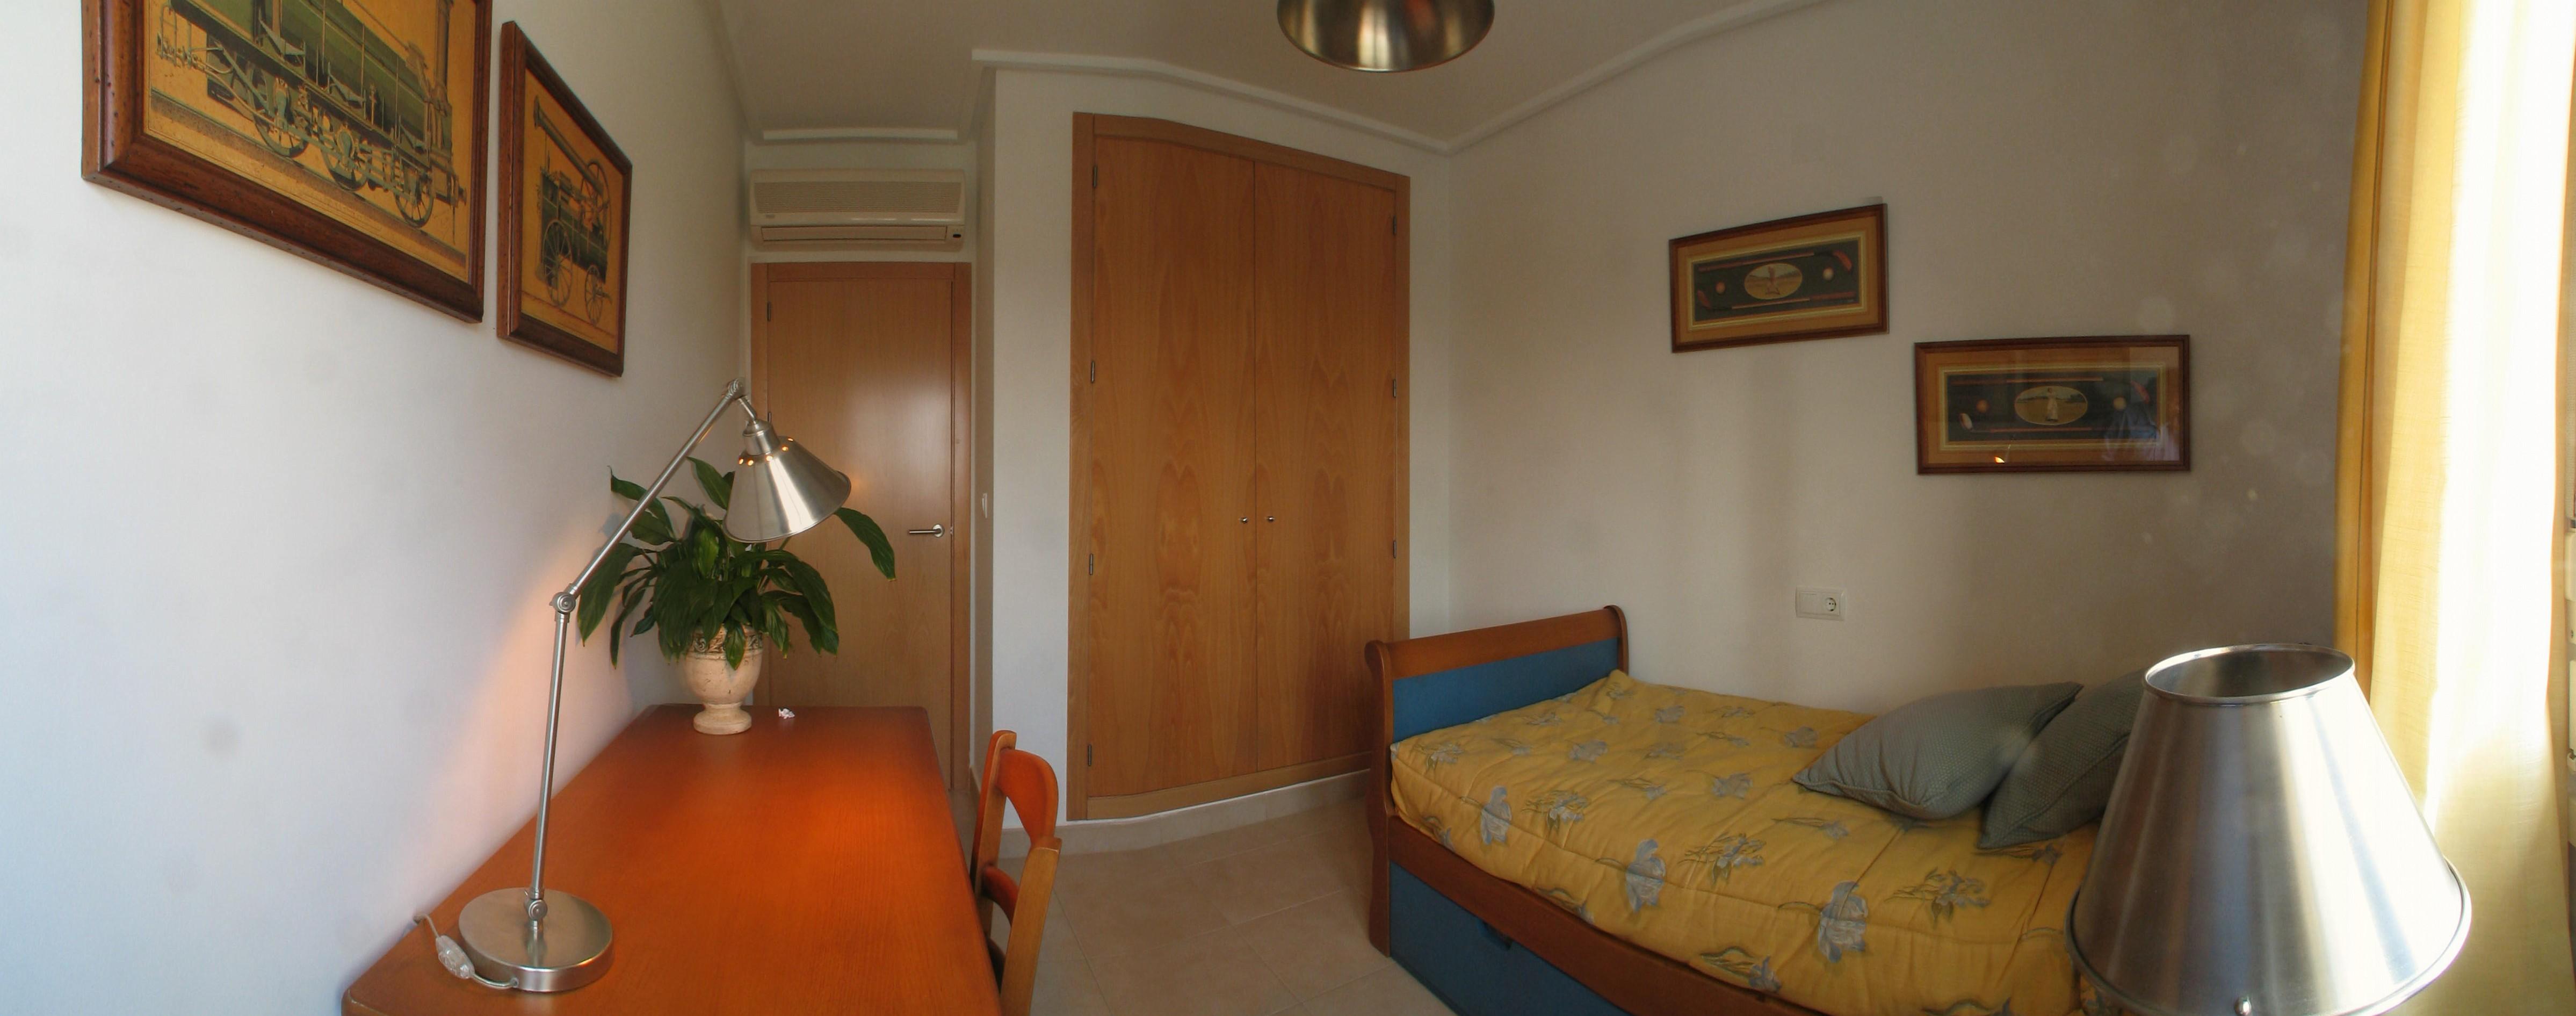 Golf spanien ferienwohnsitz haus schlafzimmer - Panoramabild schlafzimmer ...